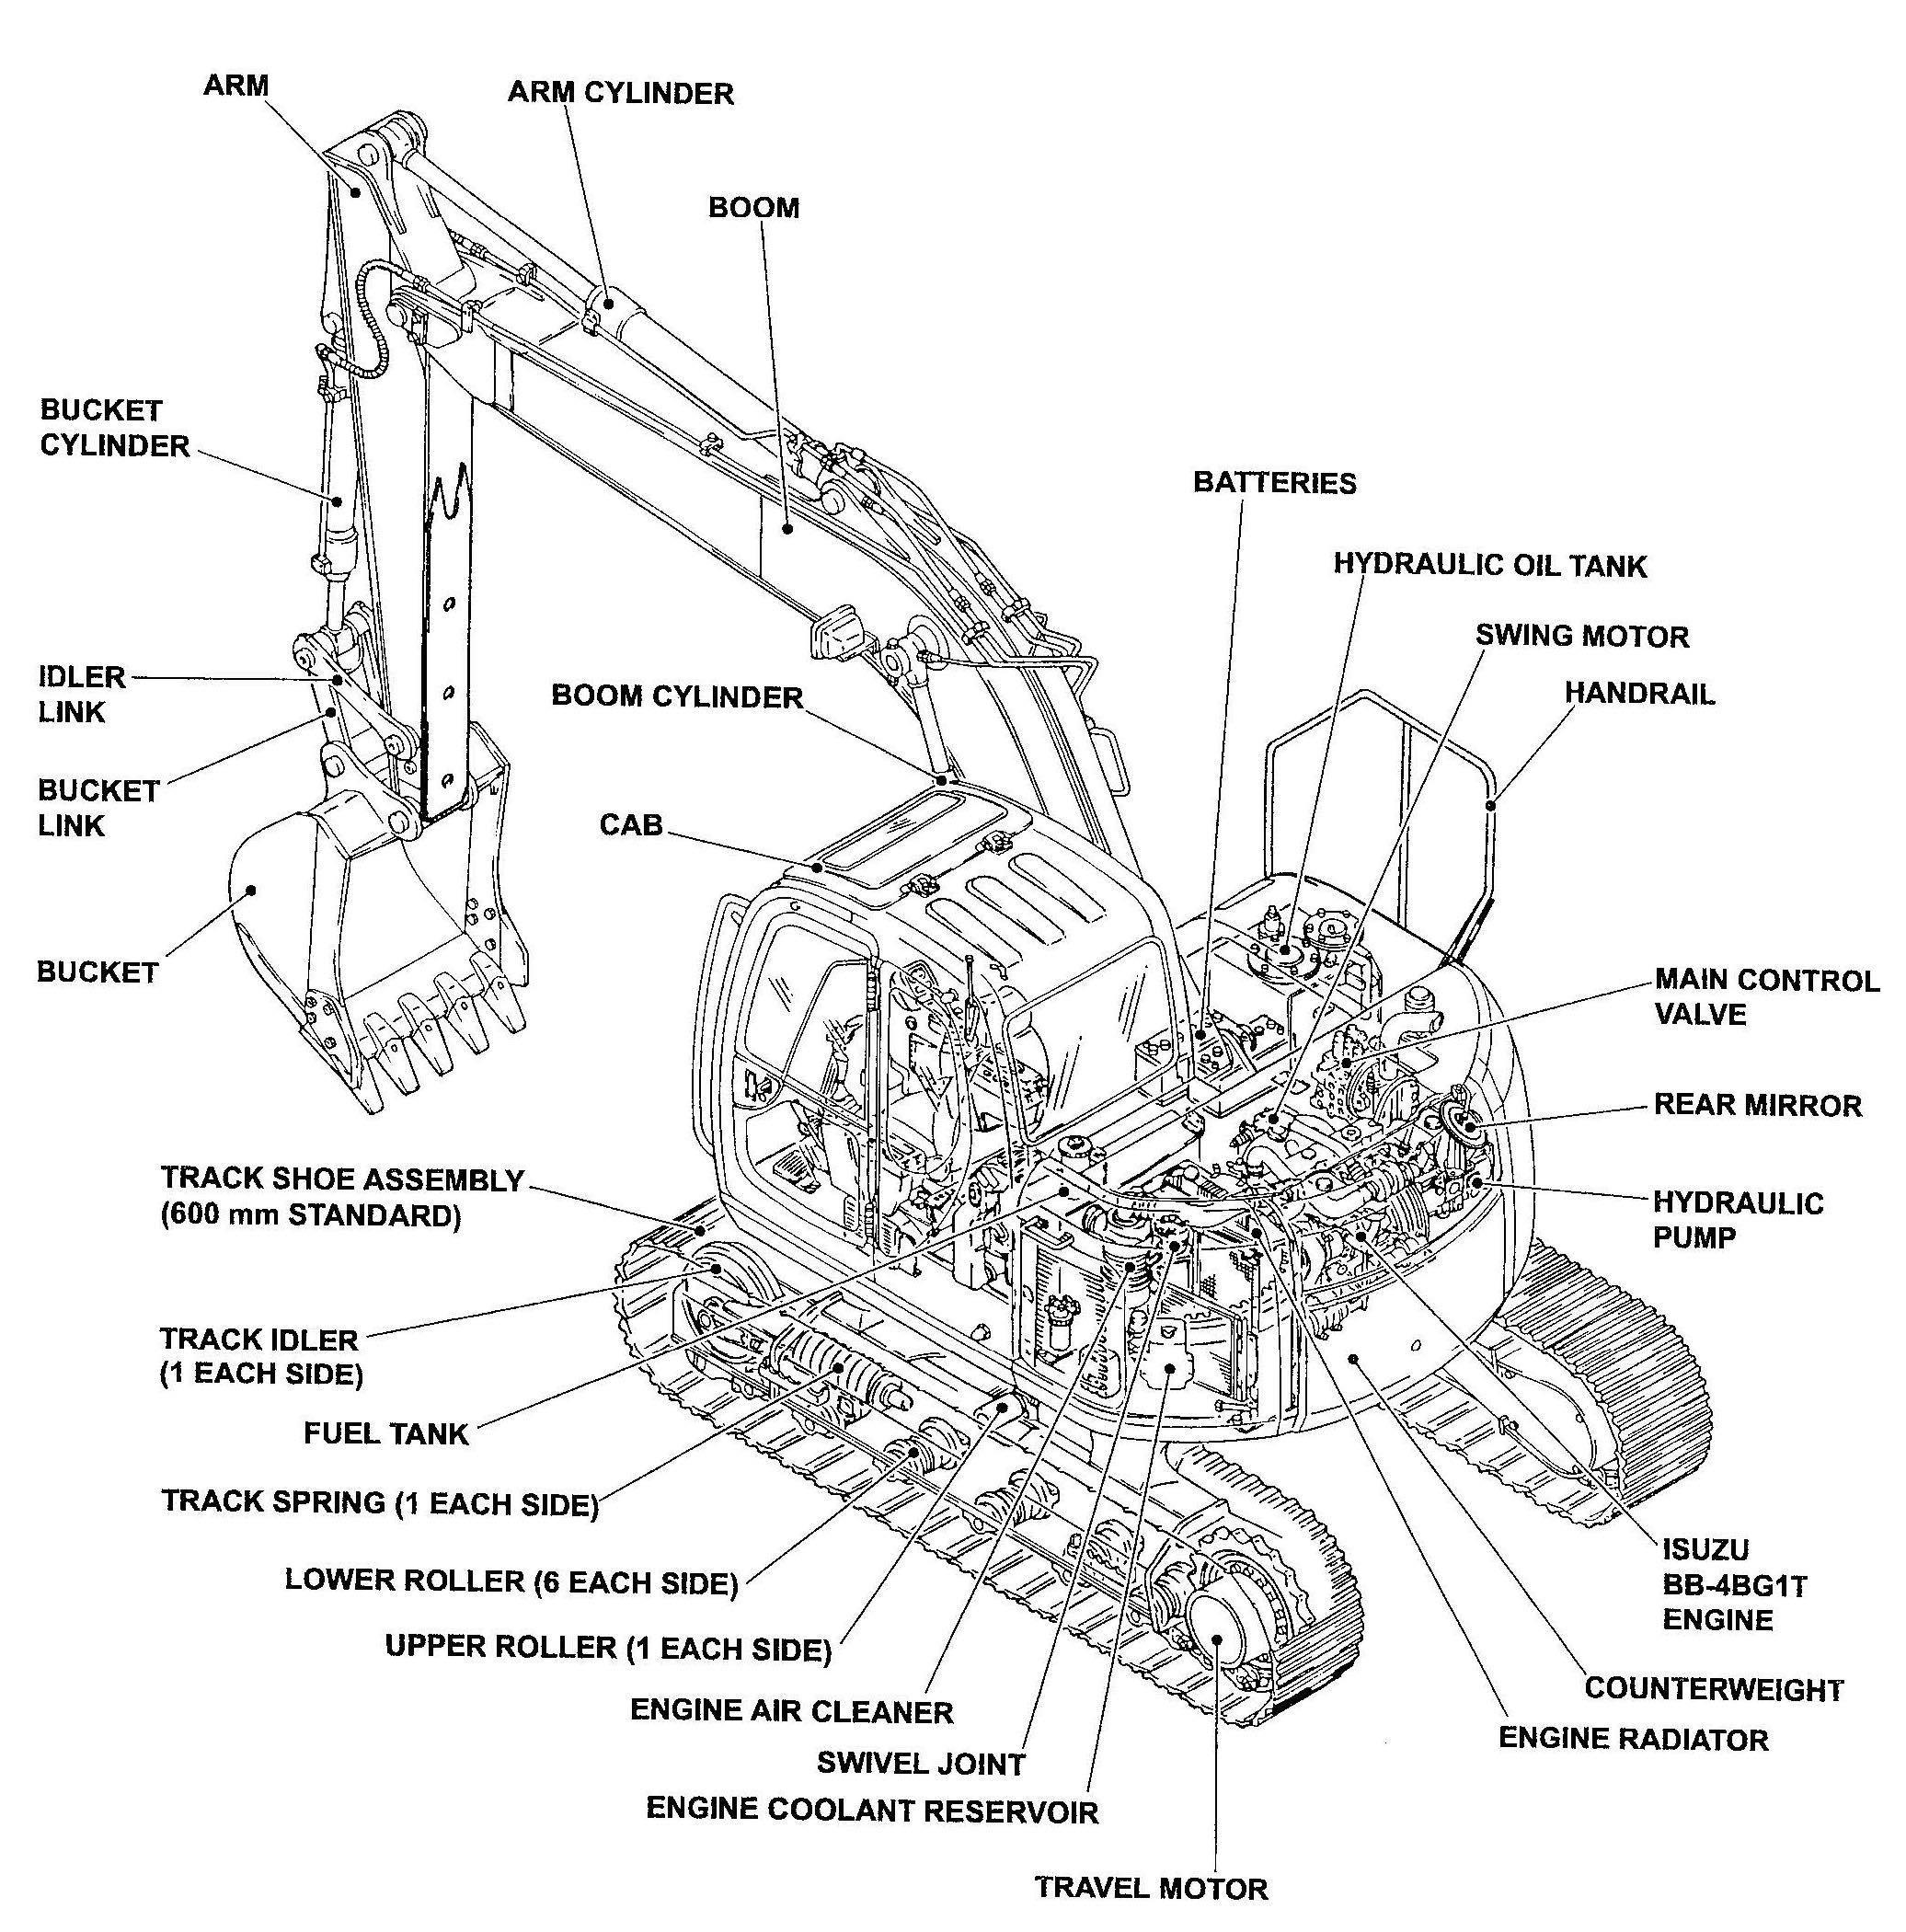 Image Result For Crawler Excavator Diagram